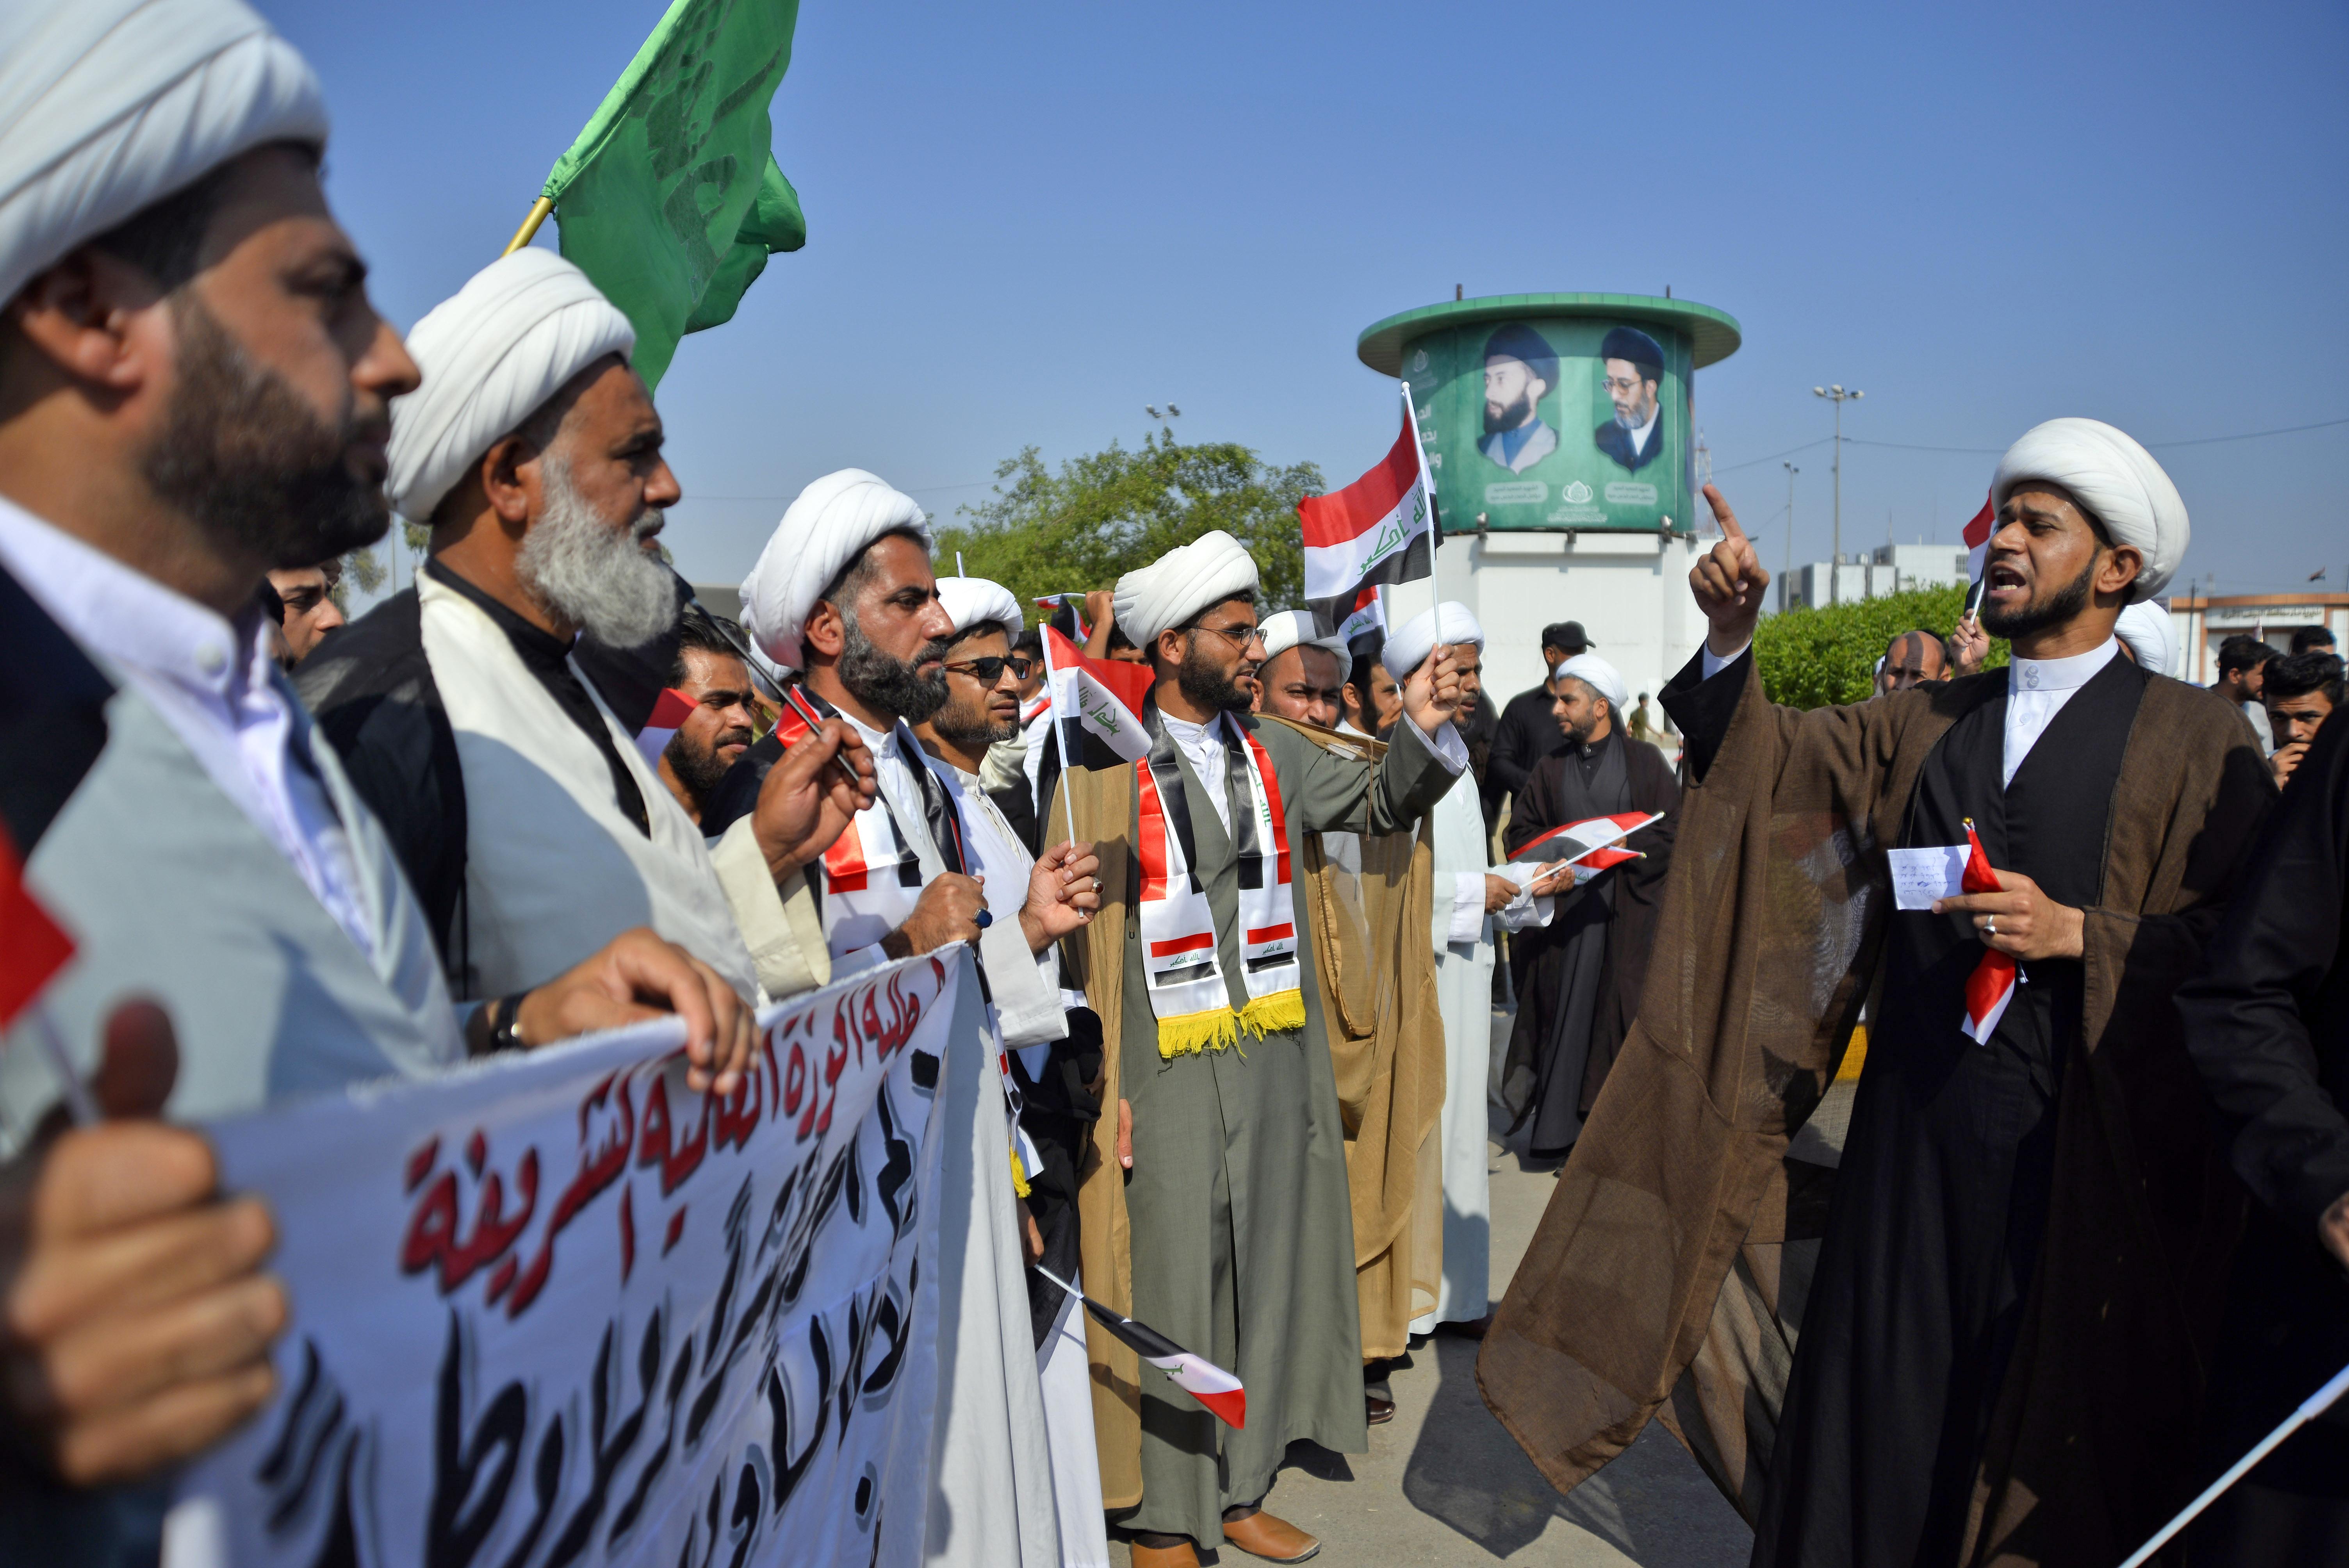 رجال دين من الطائفة الشيعية خلال تظاهرات في النجف